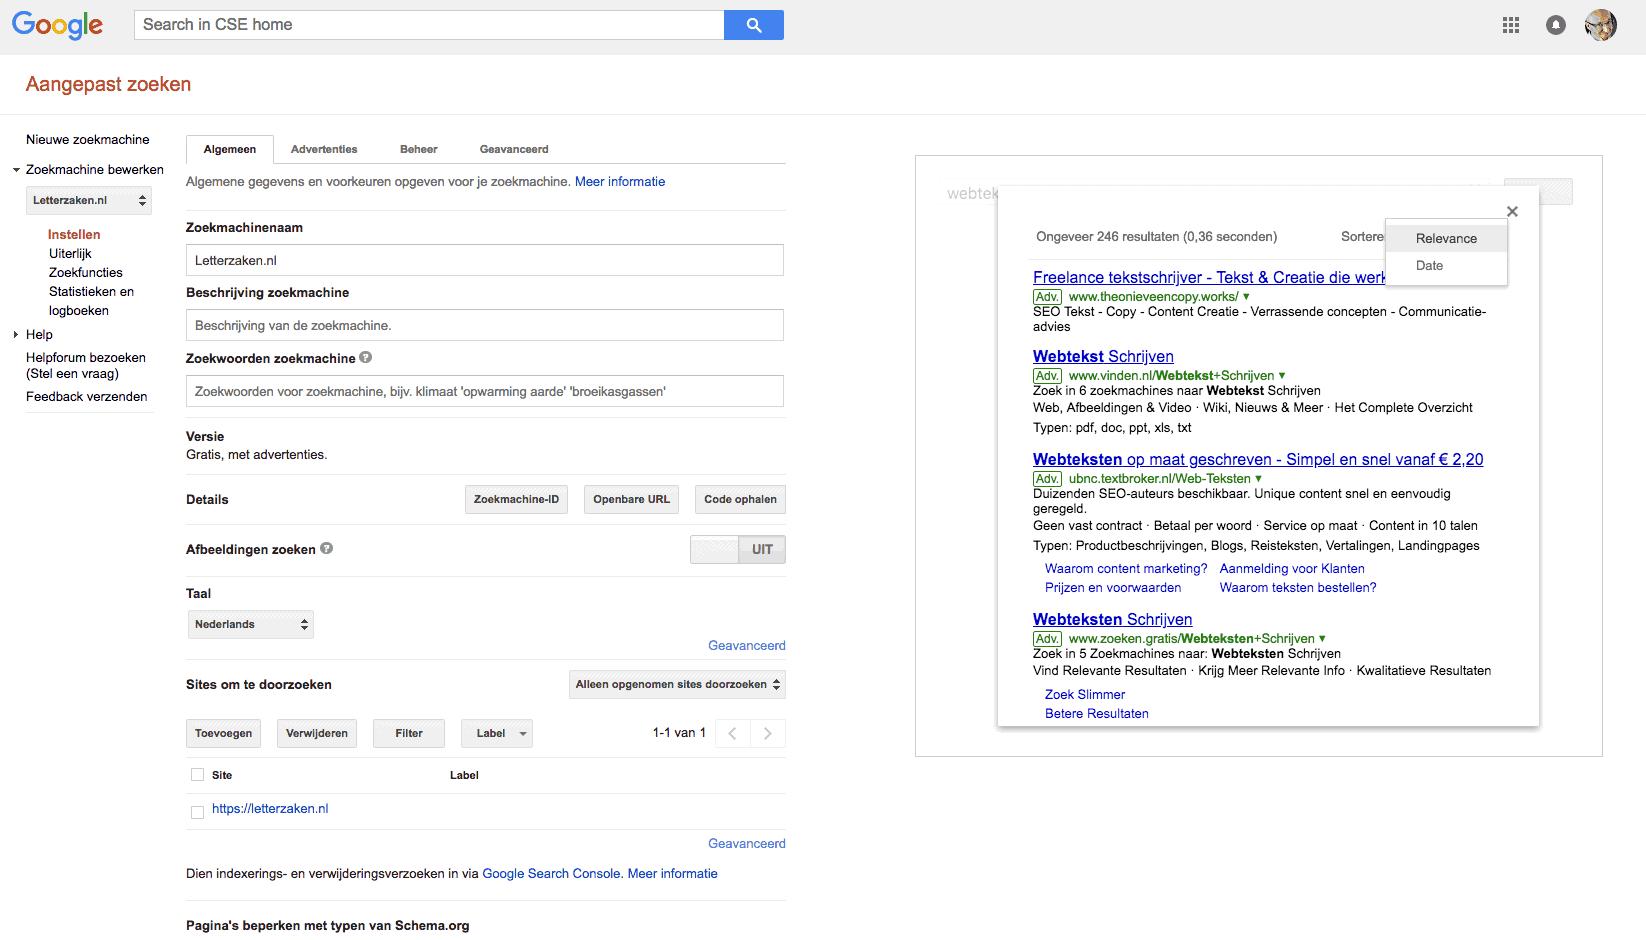 Voorbeeld van een zoekopdracht in Google Aangepast Zoeken